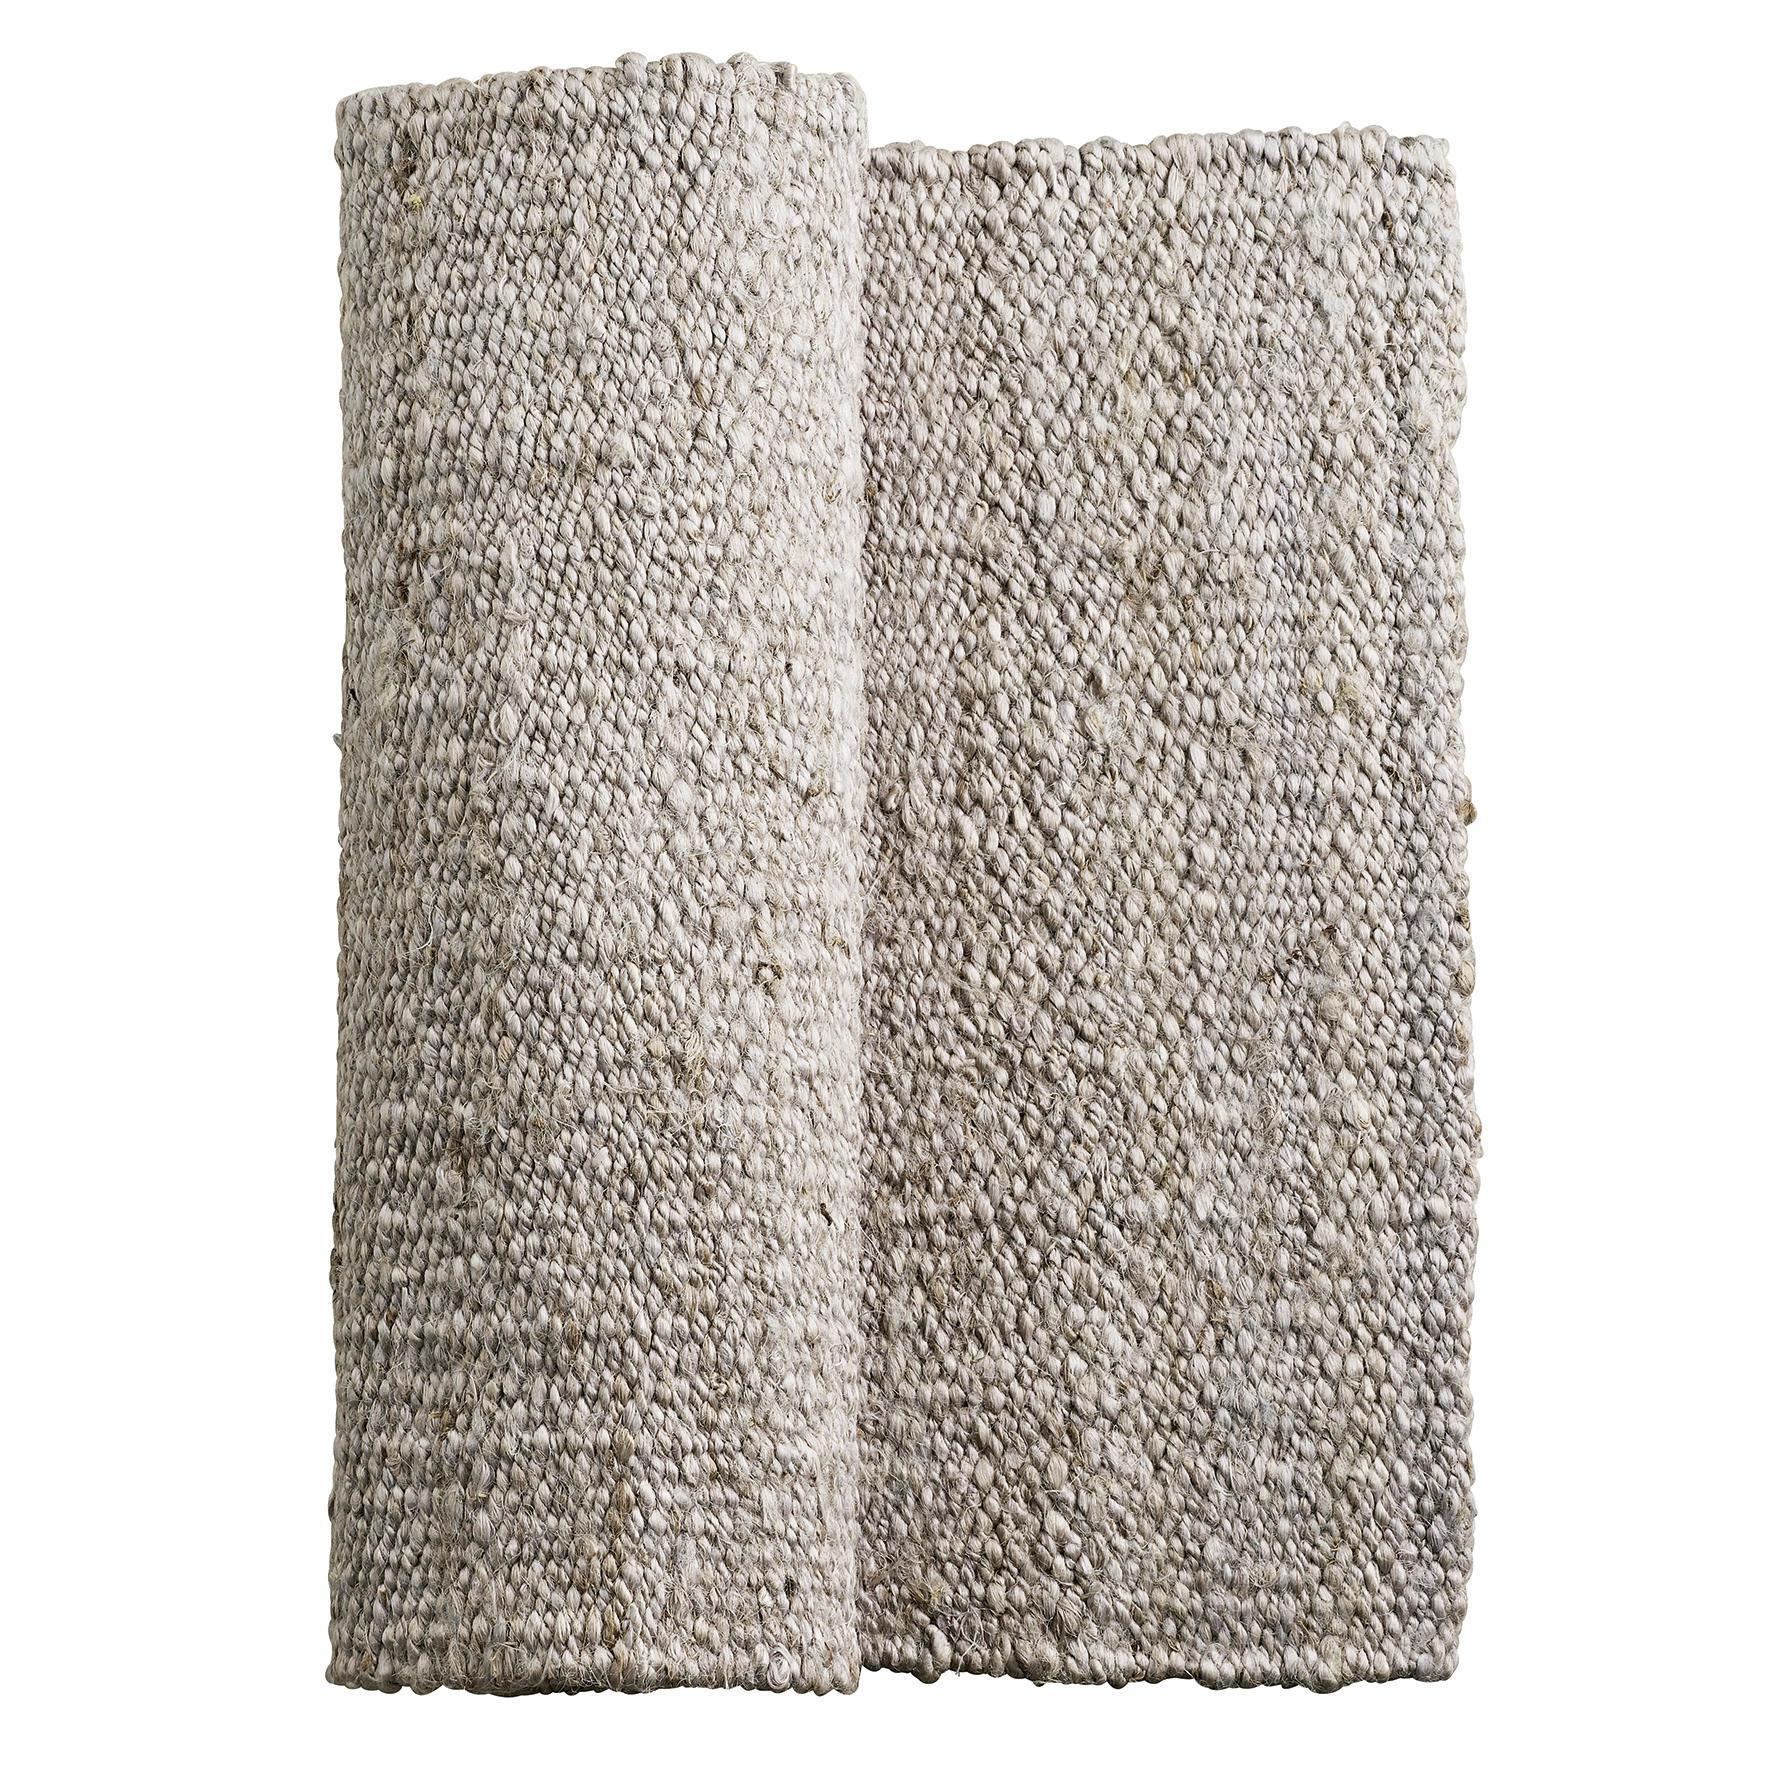 tineKhome Jutový koberec Kit 80x120 cm, béžová barva, textil